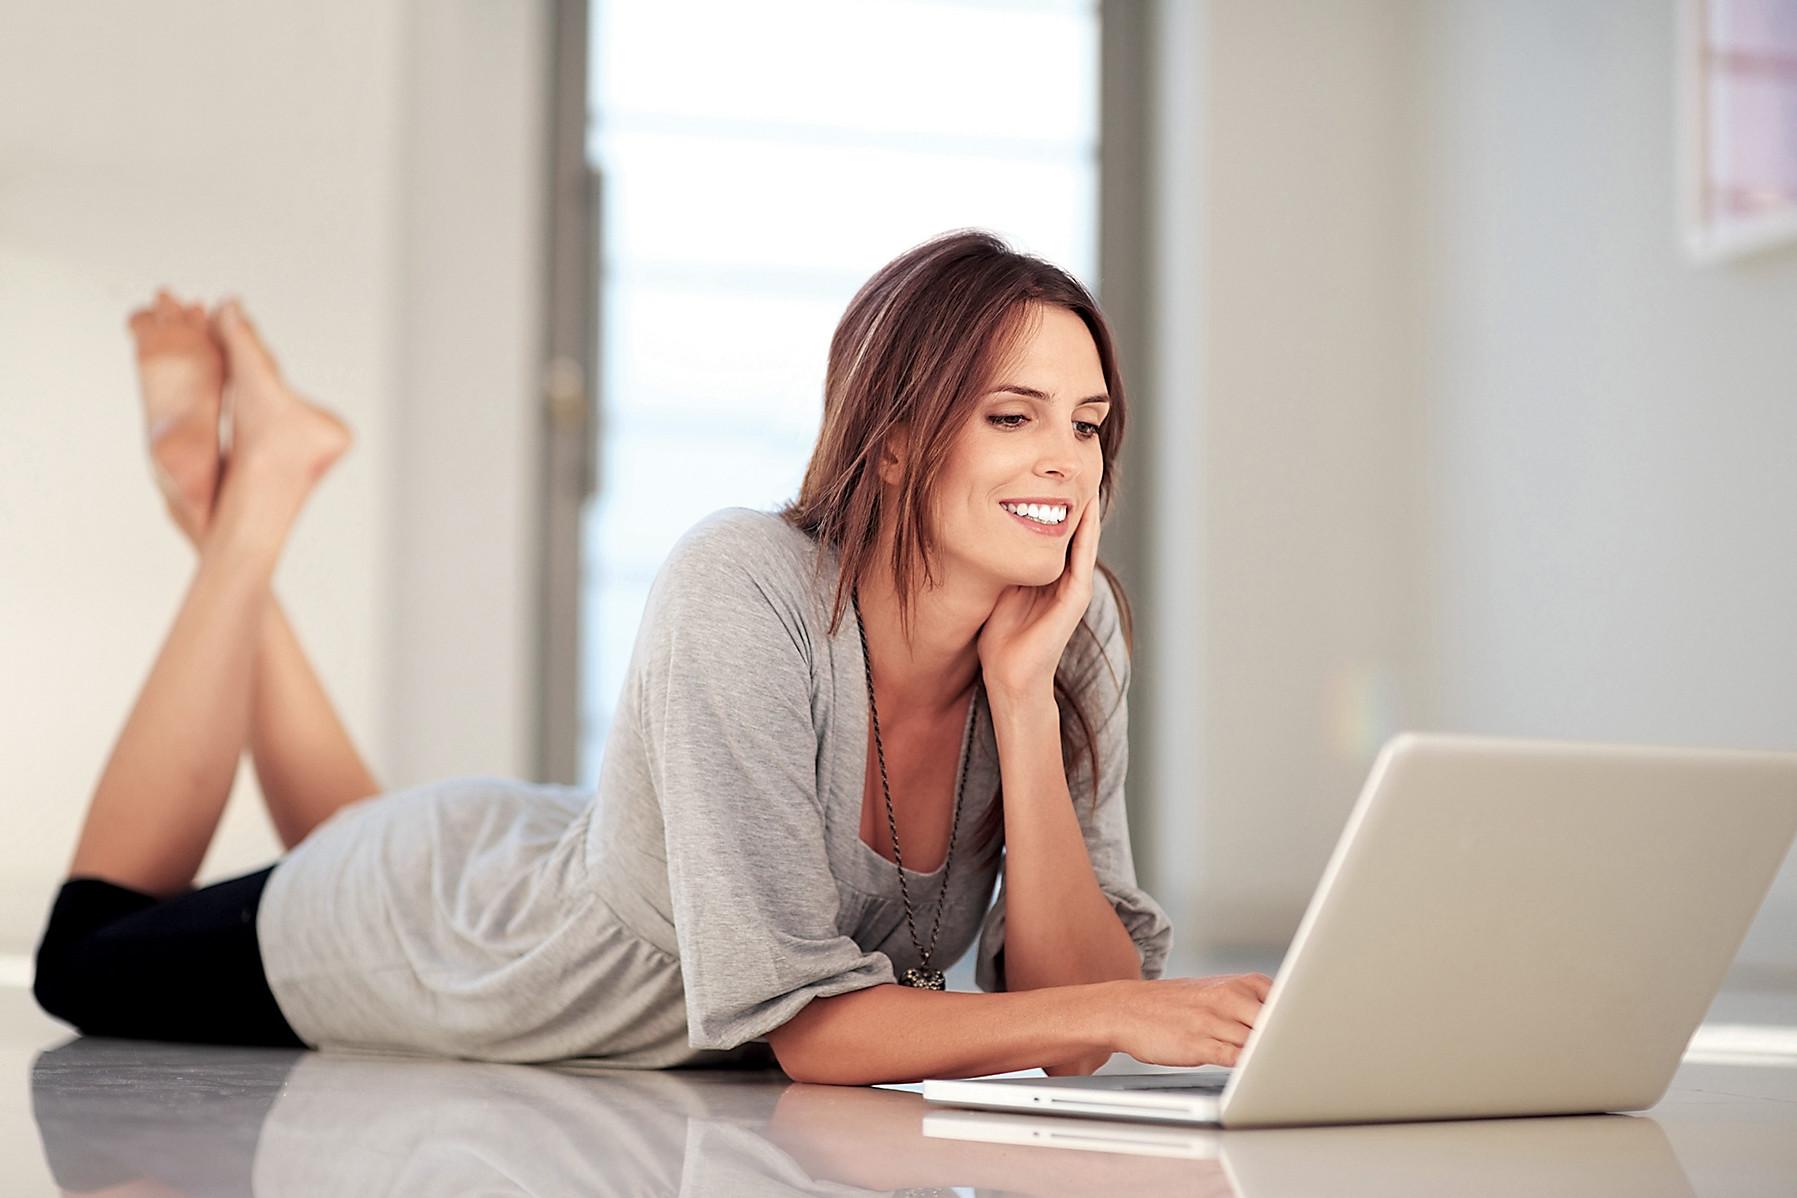 что означает онлайн на сайте знакомств